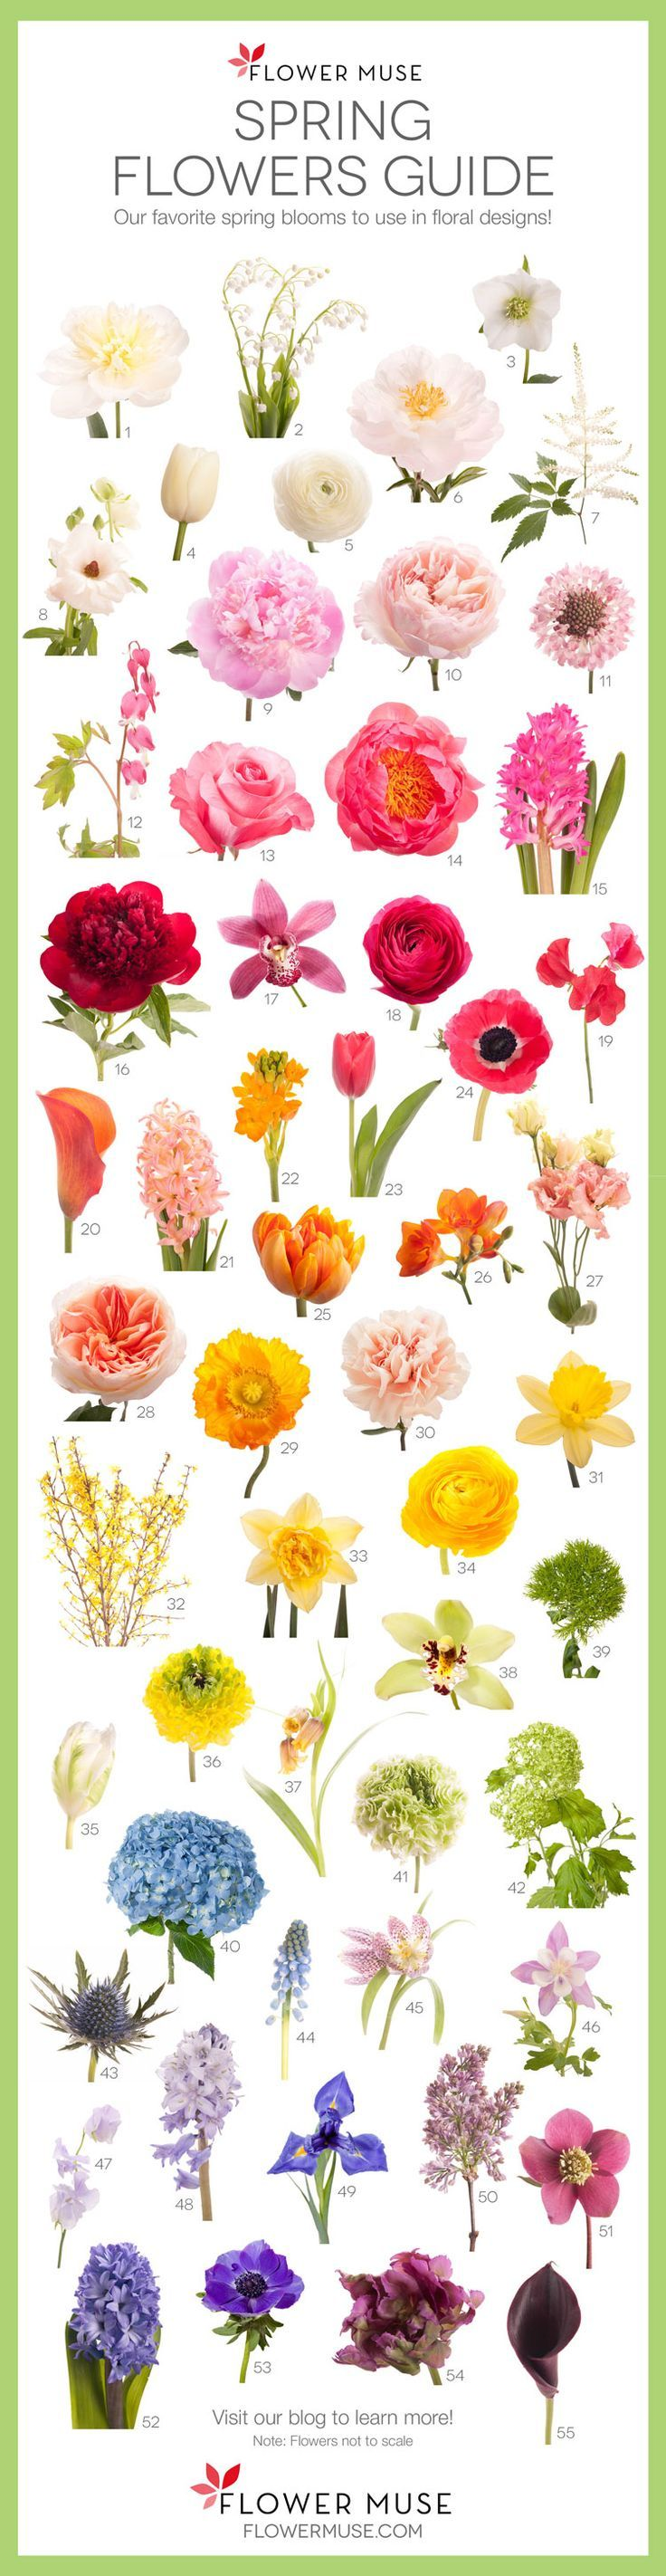 Blumen Floral design Ornament clipart - Blumenschmuck png herunterladen -  791*1024 - Kostenlos transparent Kunst png Herunterladen.